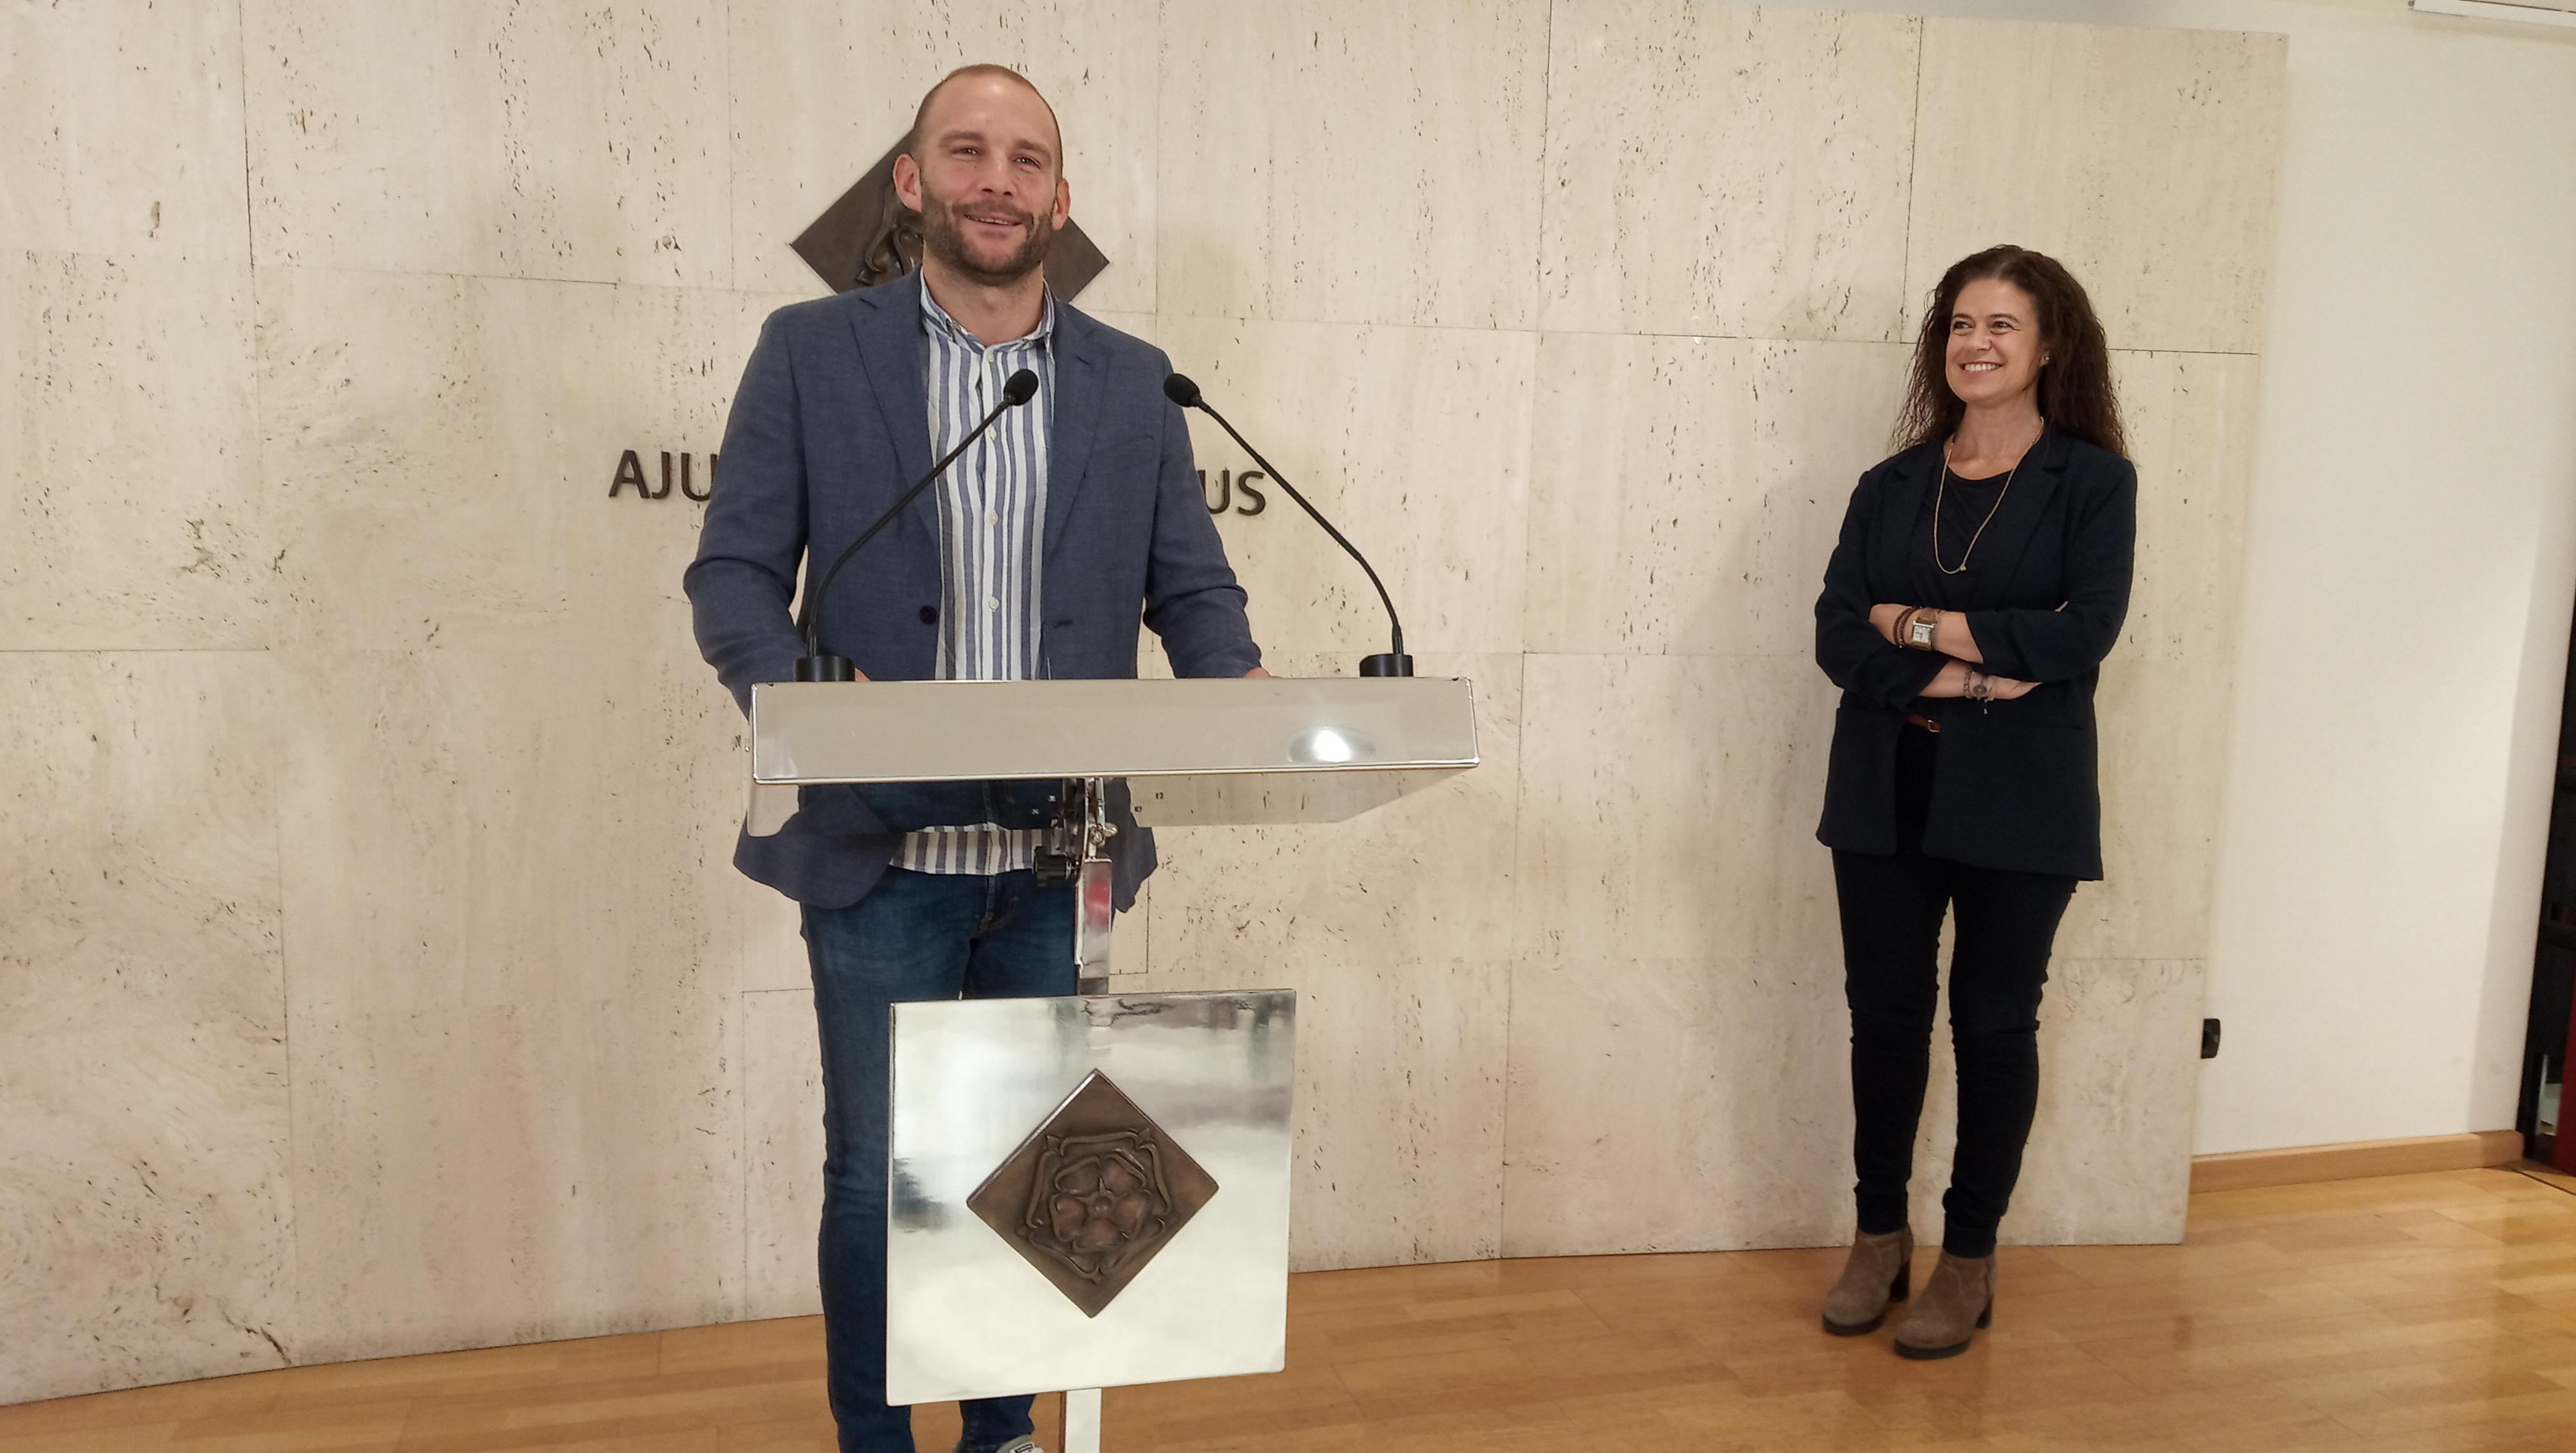 L'Ajuntament de Reus, a través de la regidoria d'Esports, i Reus Esport i Lleure convoquen la 8a edició de la Cursa de la Dona, que t...